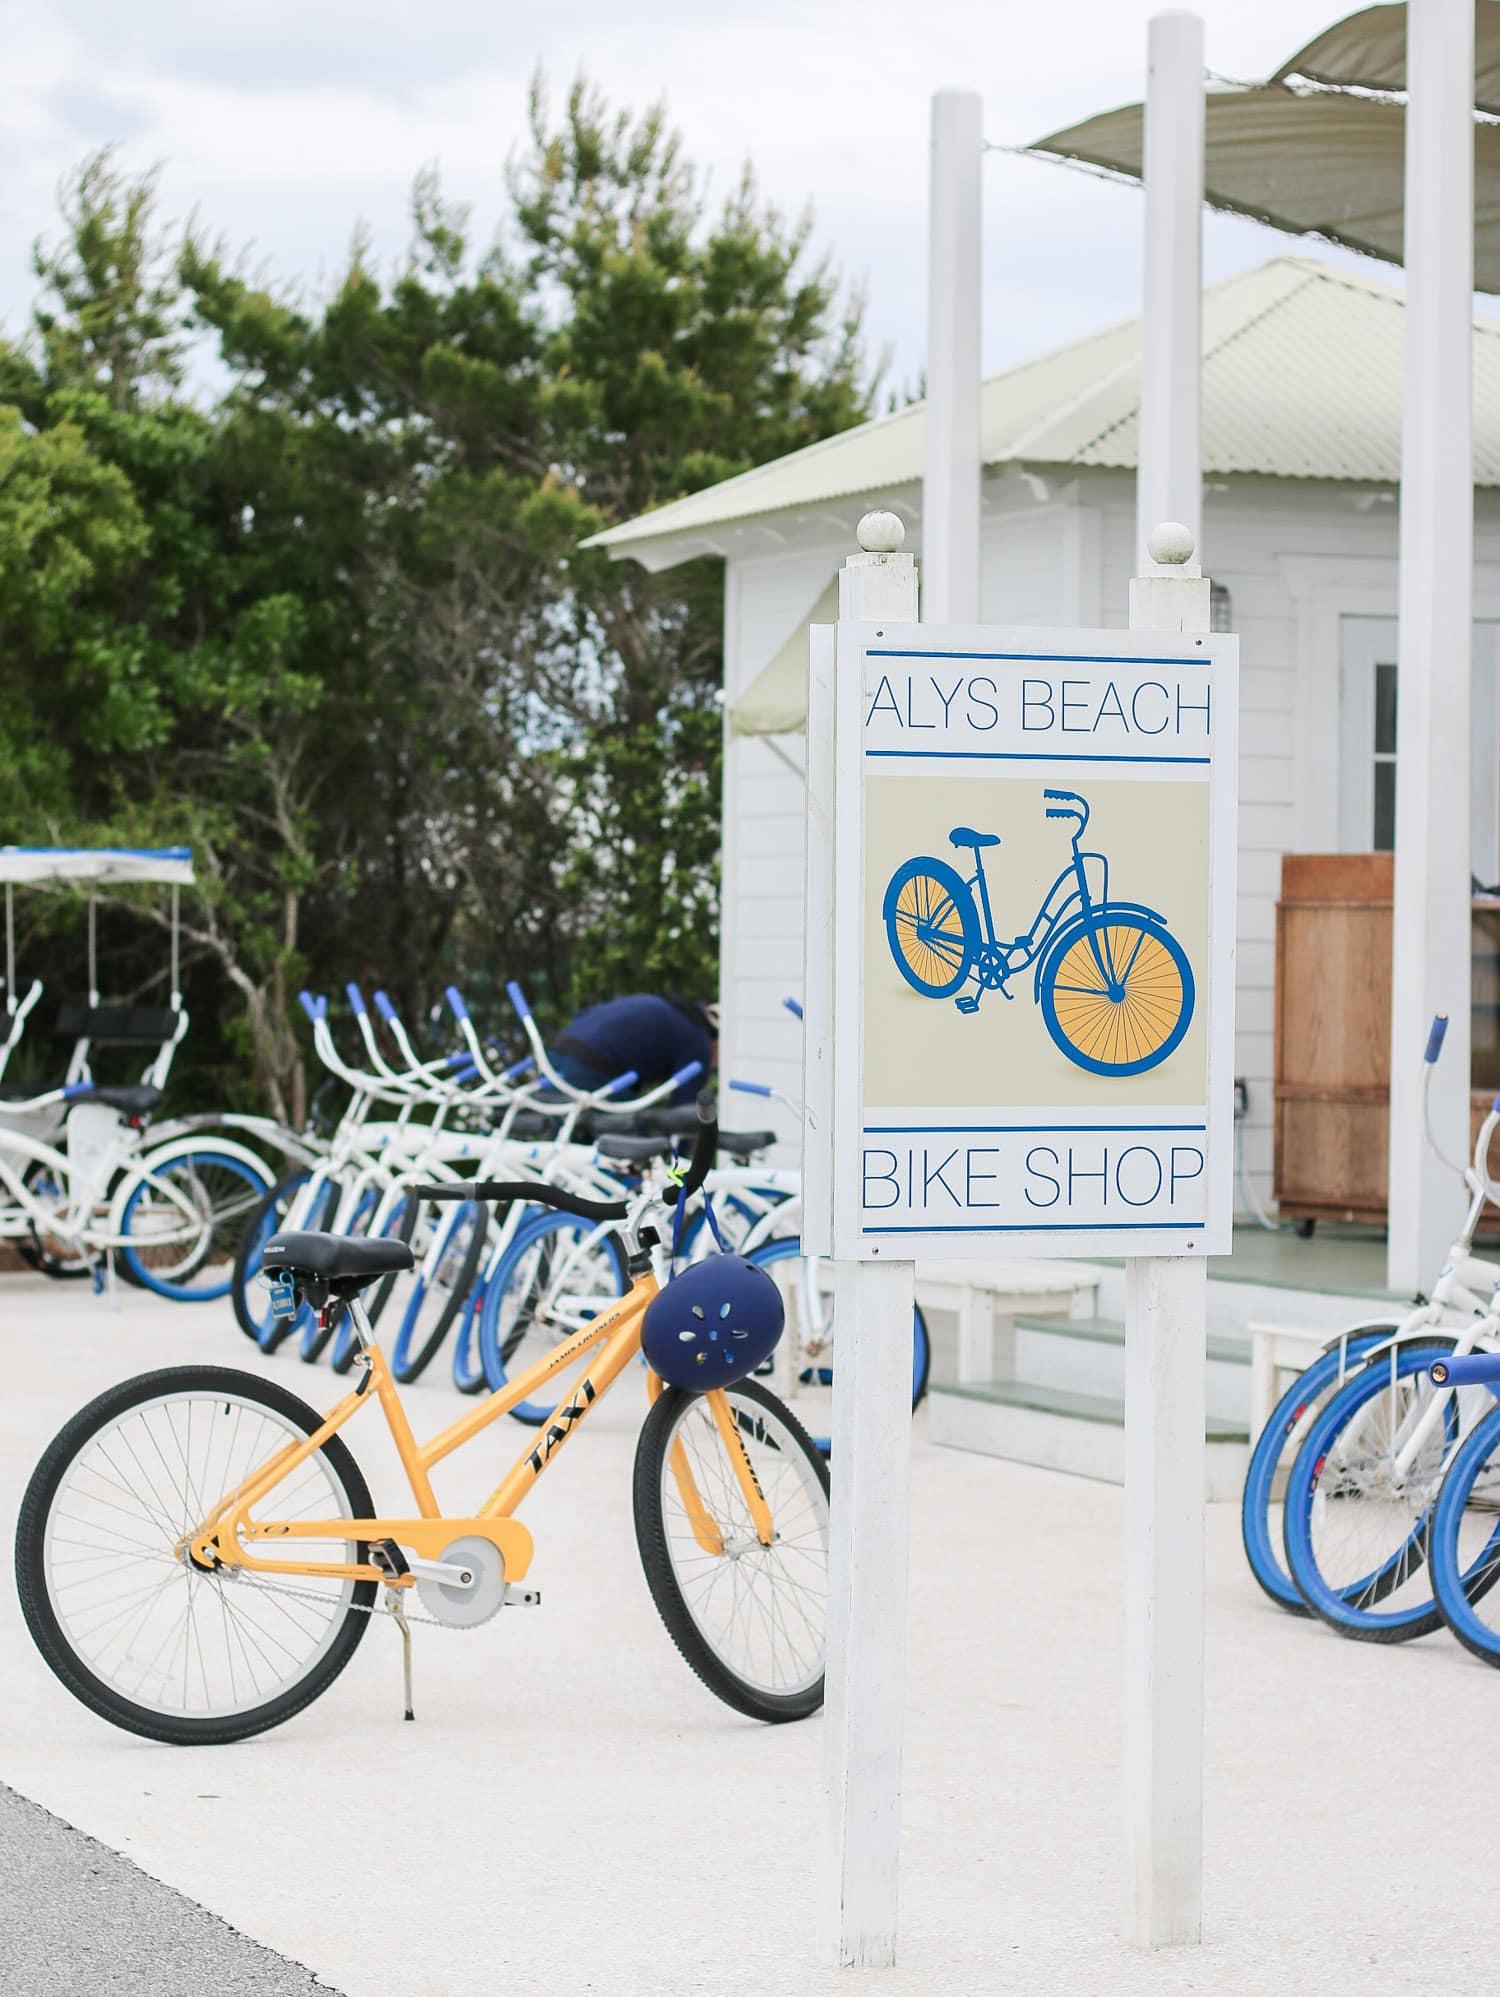 alys-beach-bike-shop-0367